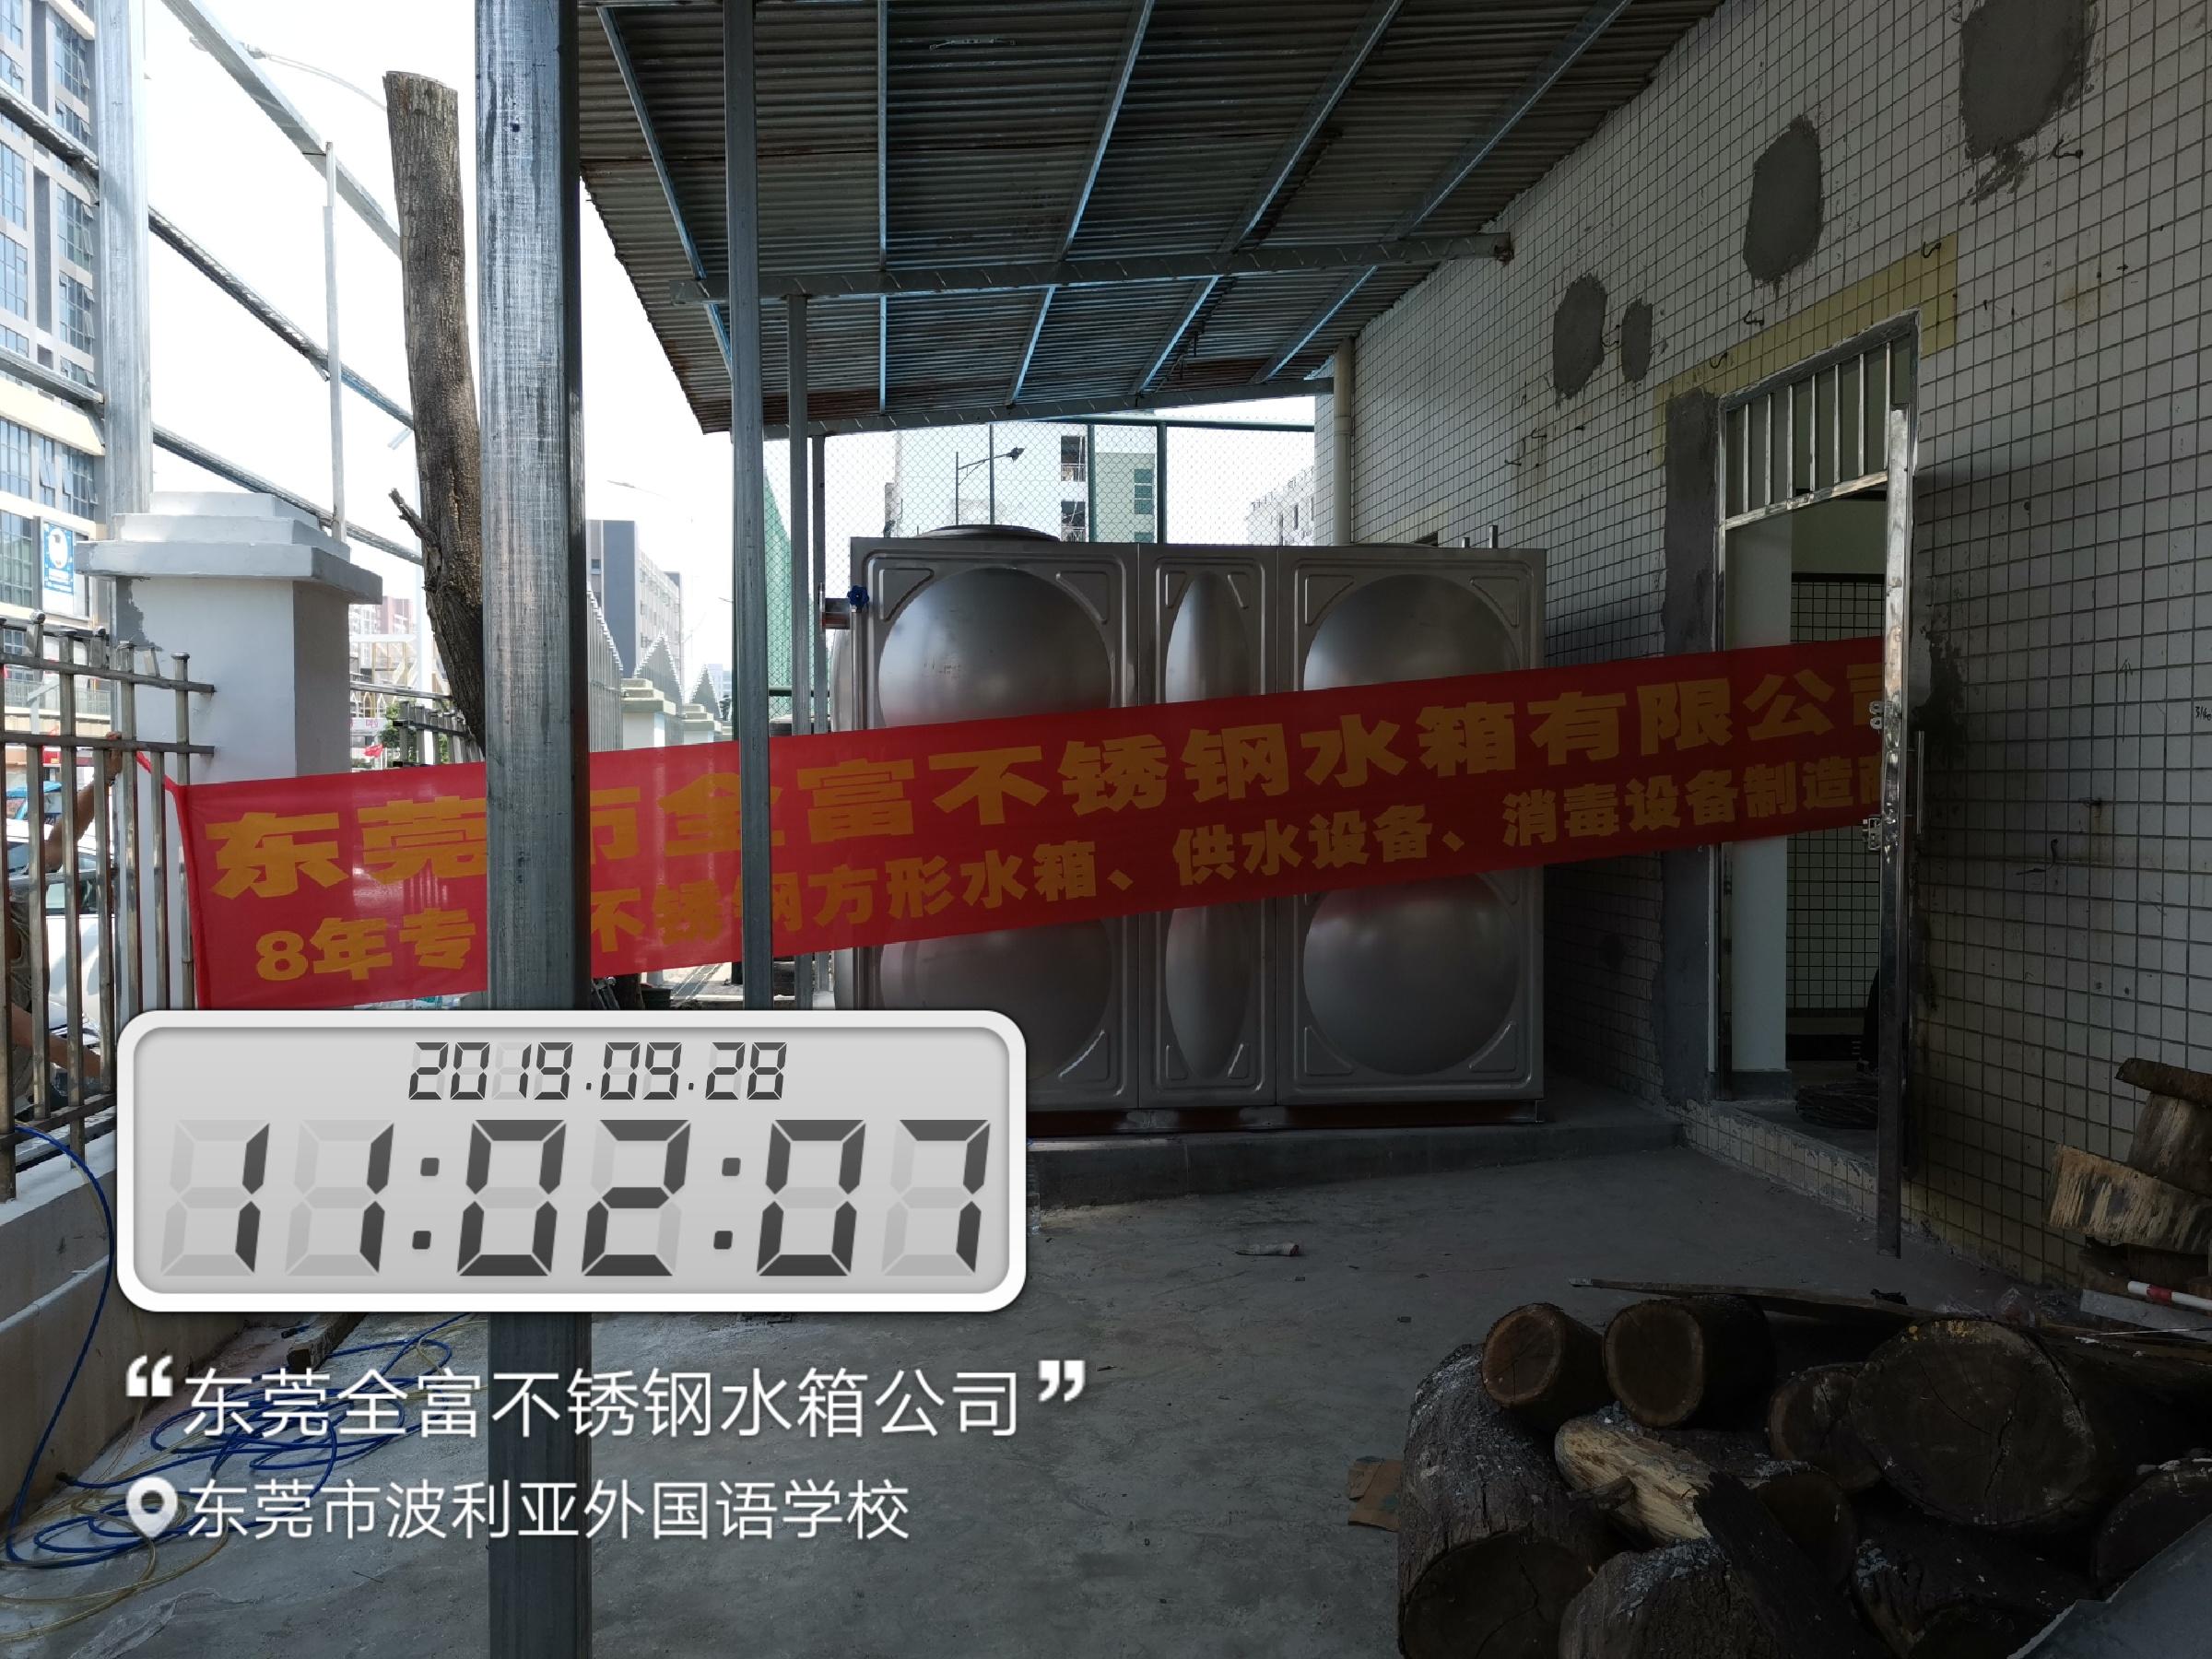 榕城区成品不锈钢保温水箱 全富水箱,东湖大酒店保温水箱服务商